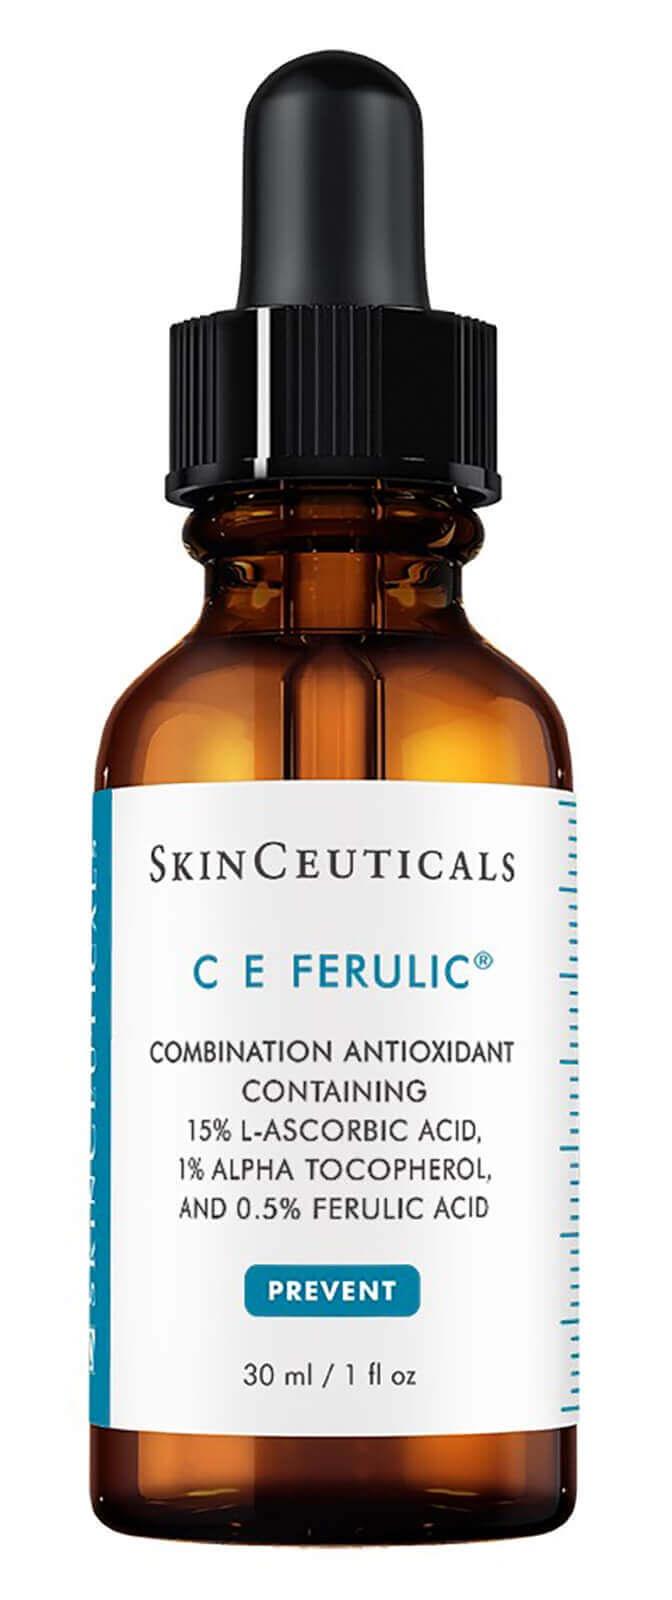 SkinCeuticals C E Ferulic Antioxidant Vitamin C Serum